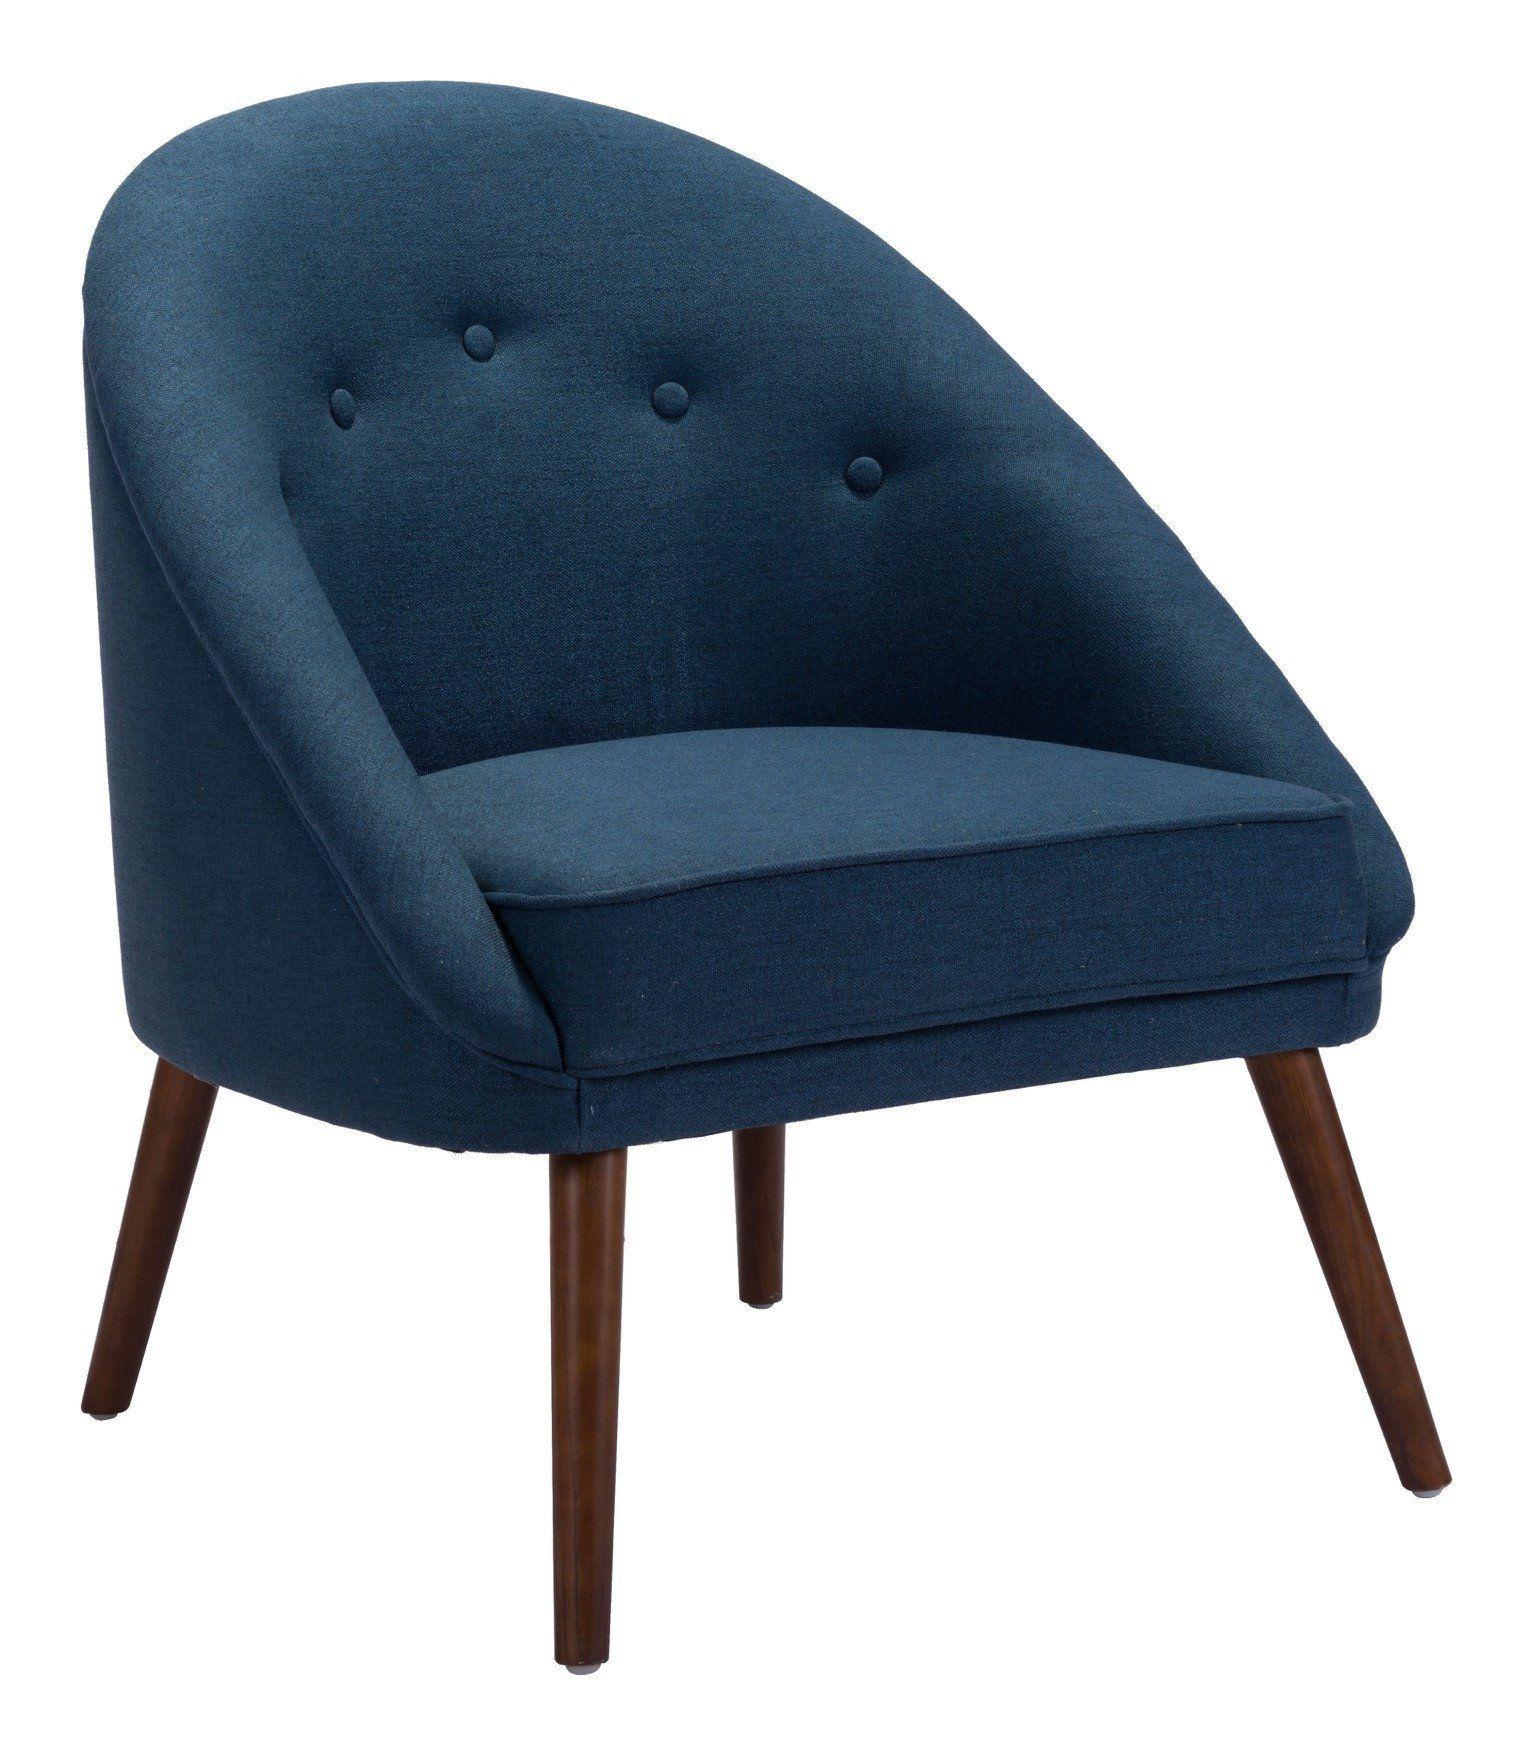 Best Carter Accent Chair In Cobalt Blue Linen Blend Fabric On 400 x 300